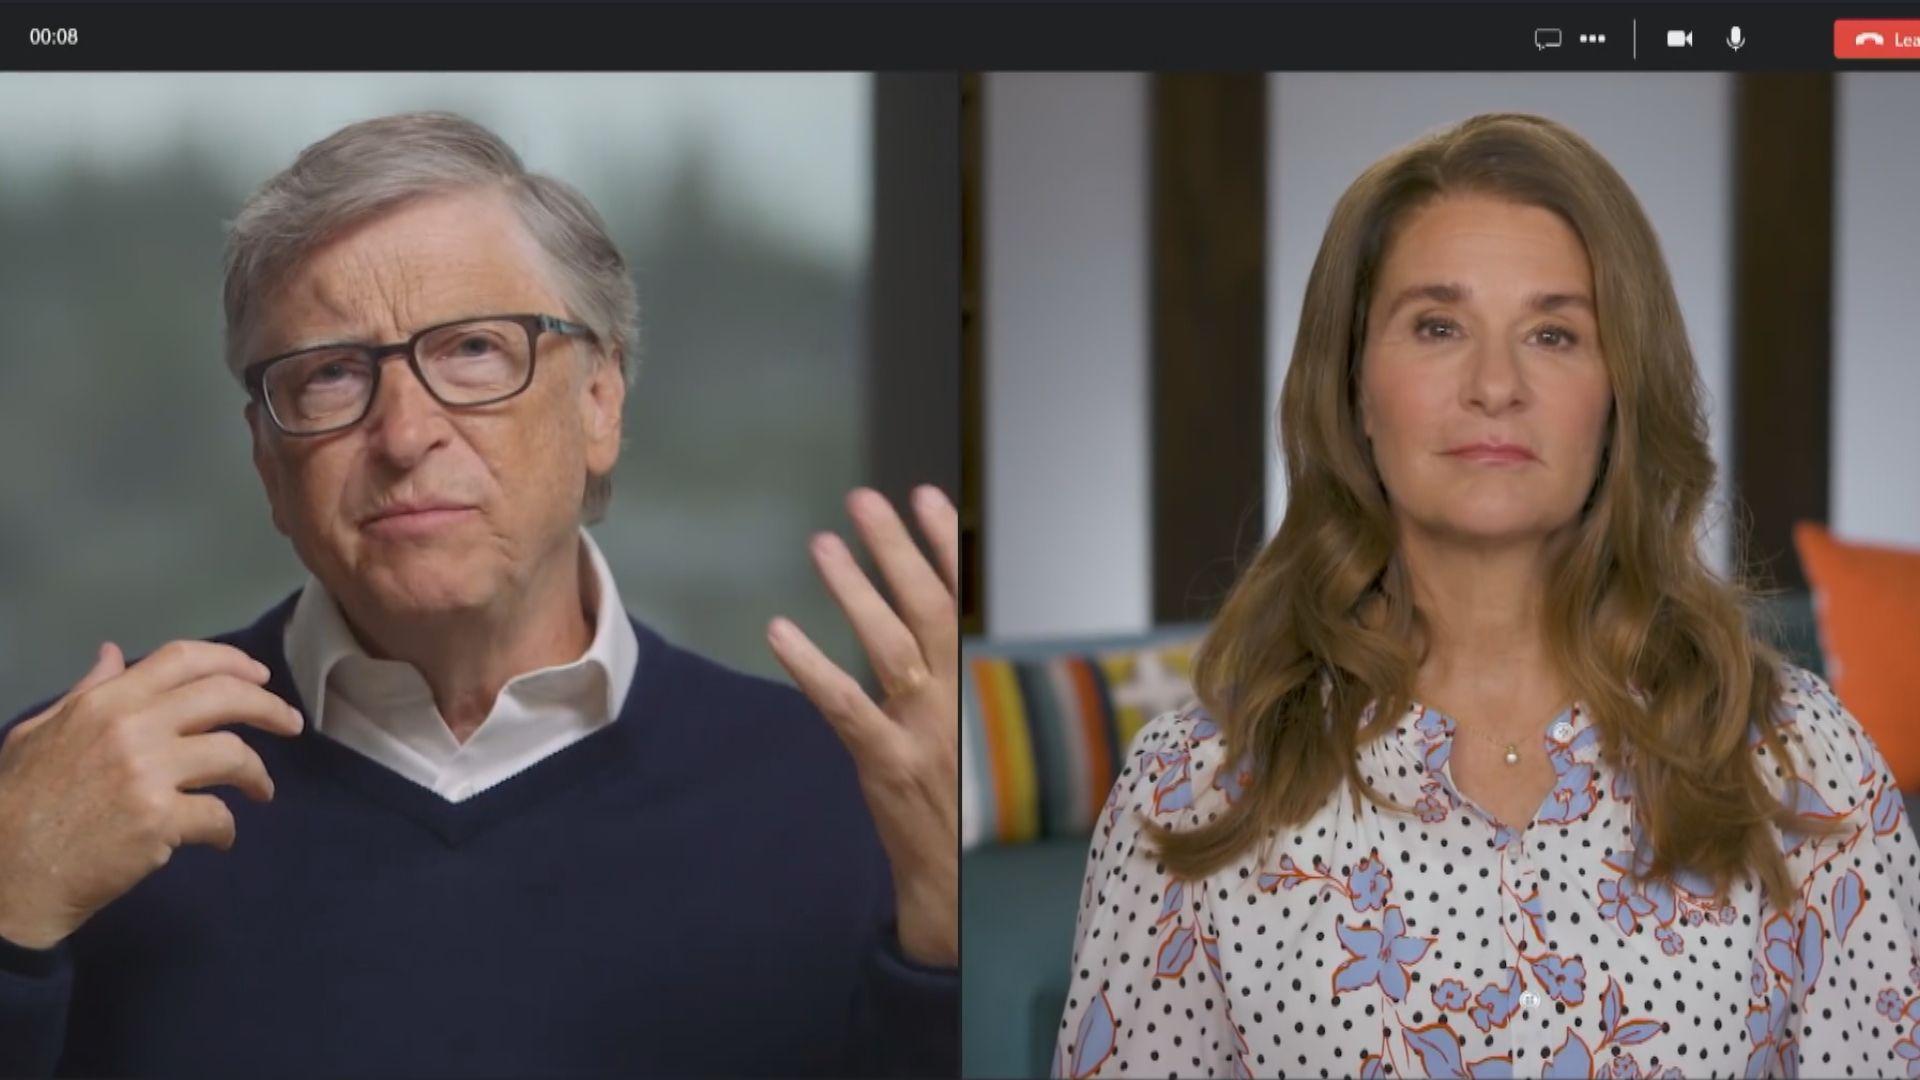 分析指蓋茨夫婦離婚將影響他們向基金會捐款數額